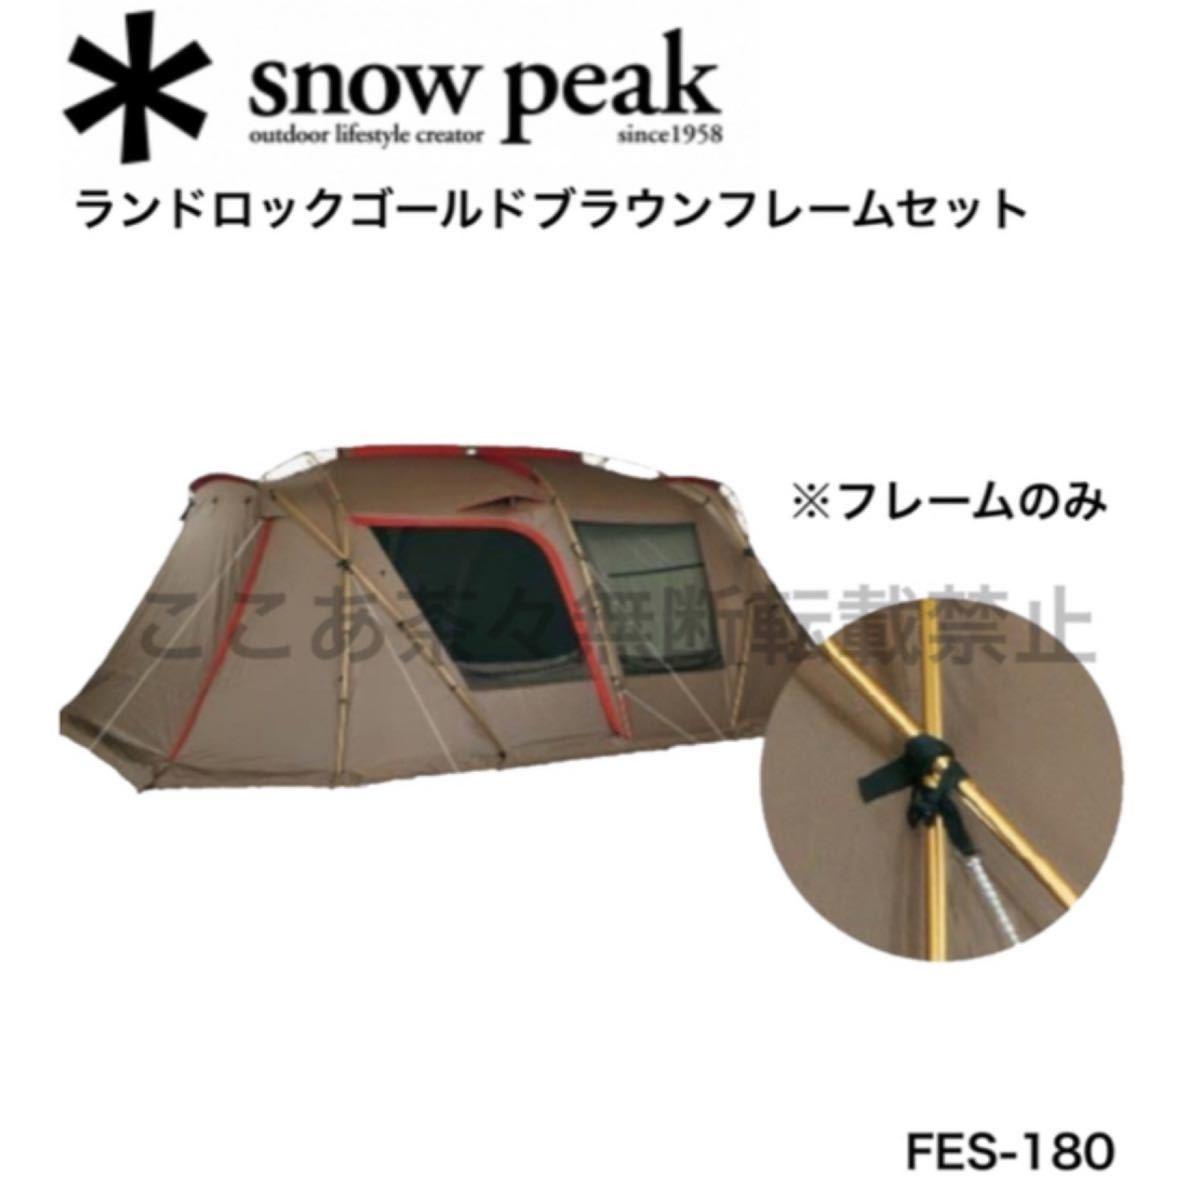 スノーピーク(snow peak)ランドロックゴールドブラウンフレームセット